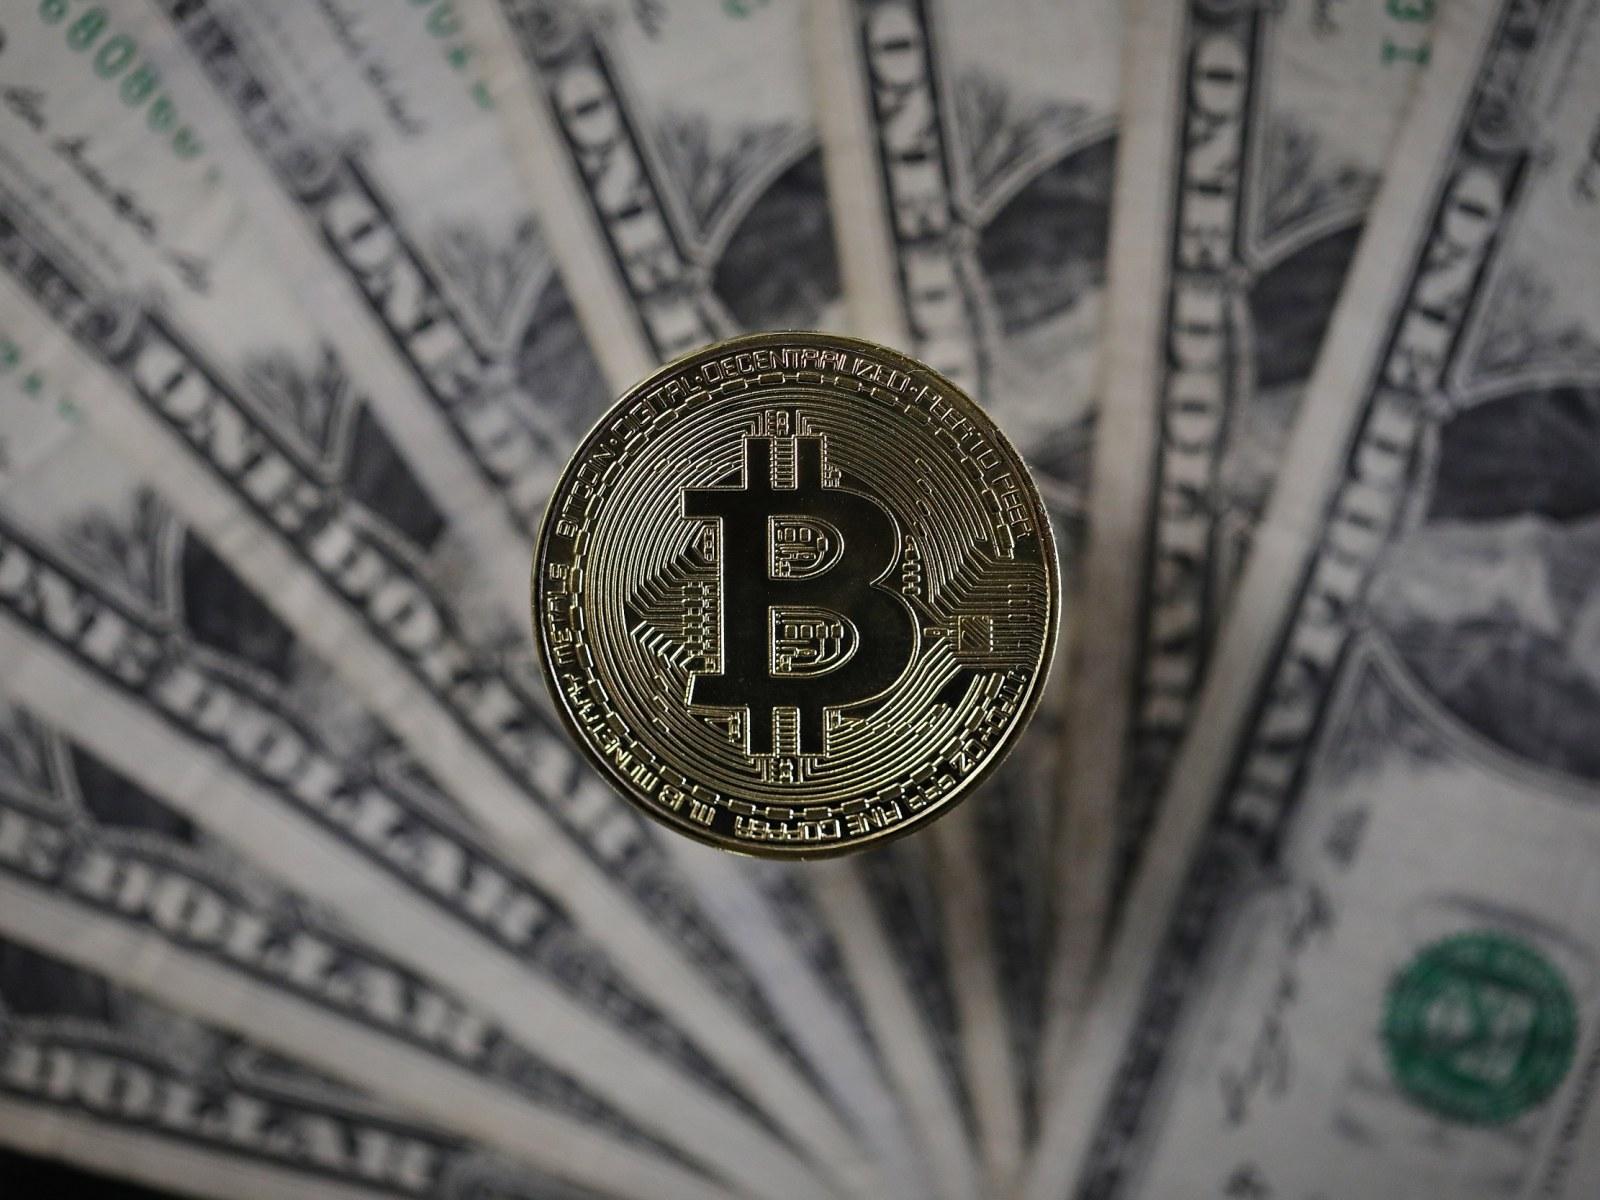 parduokite bitcoin į bangladešą